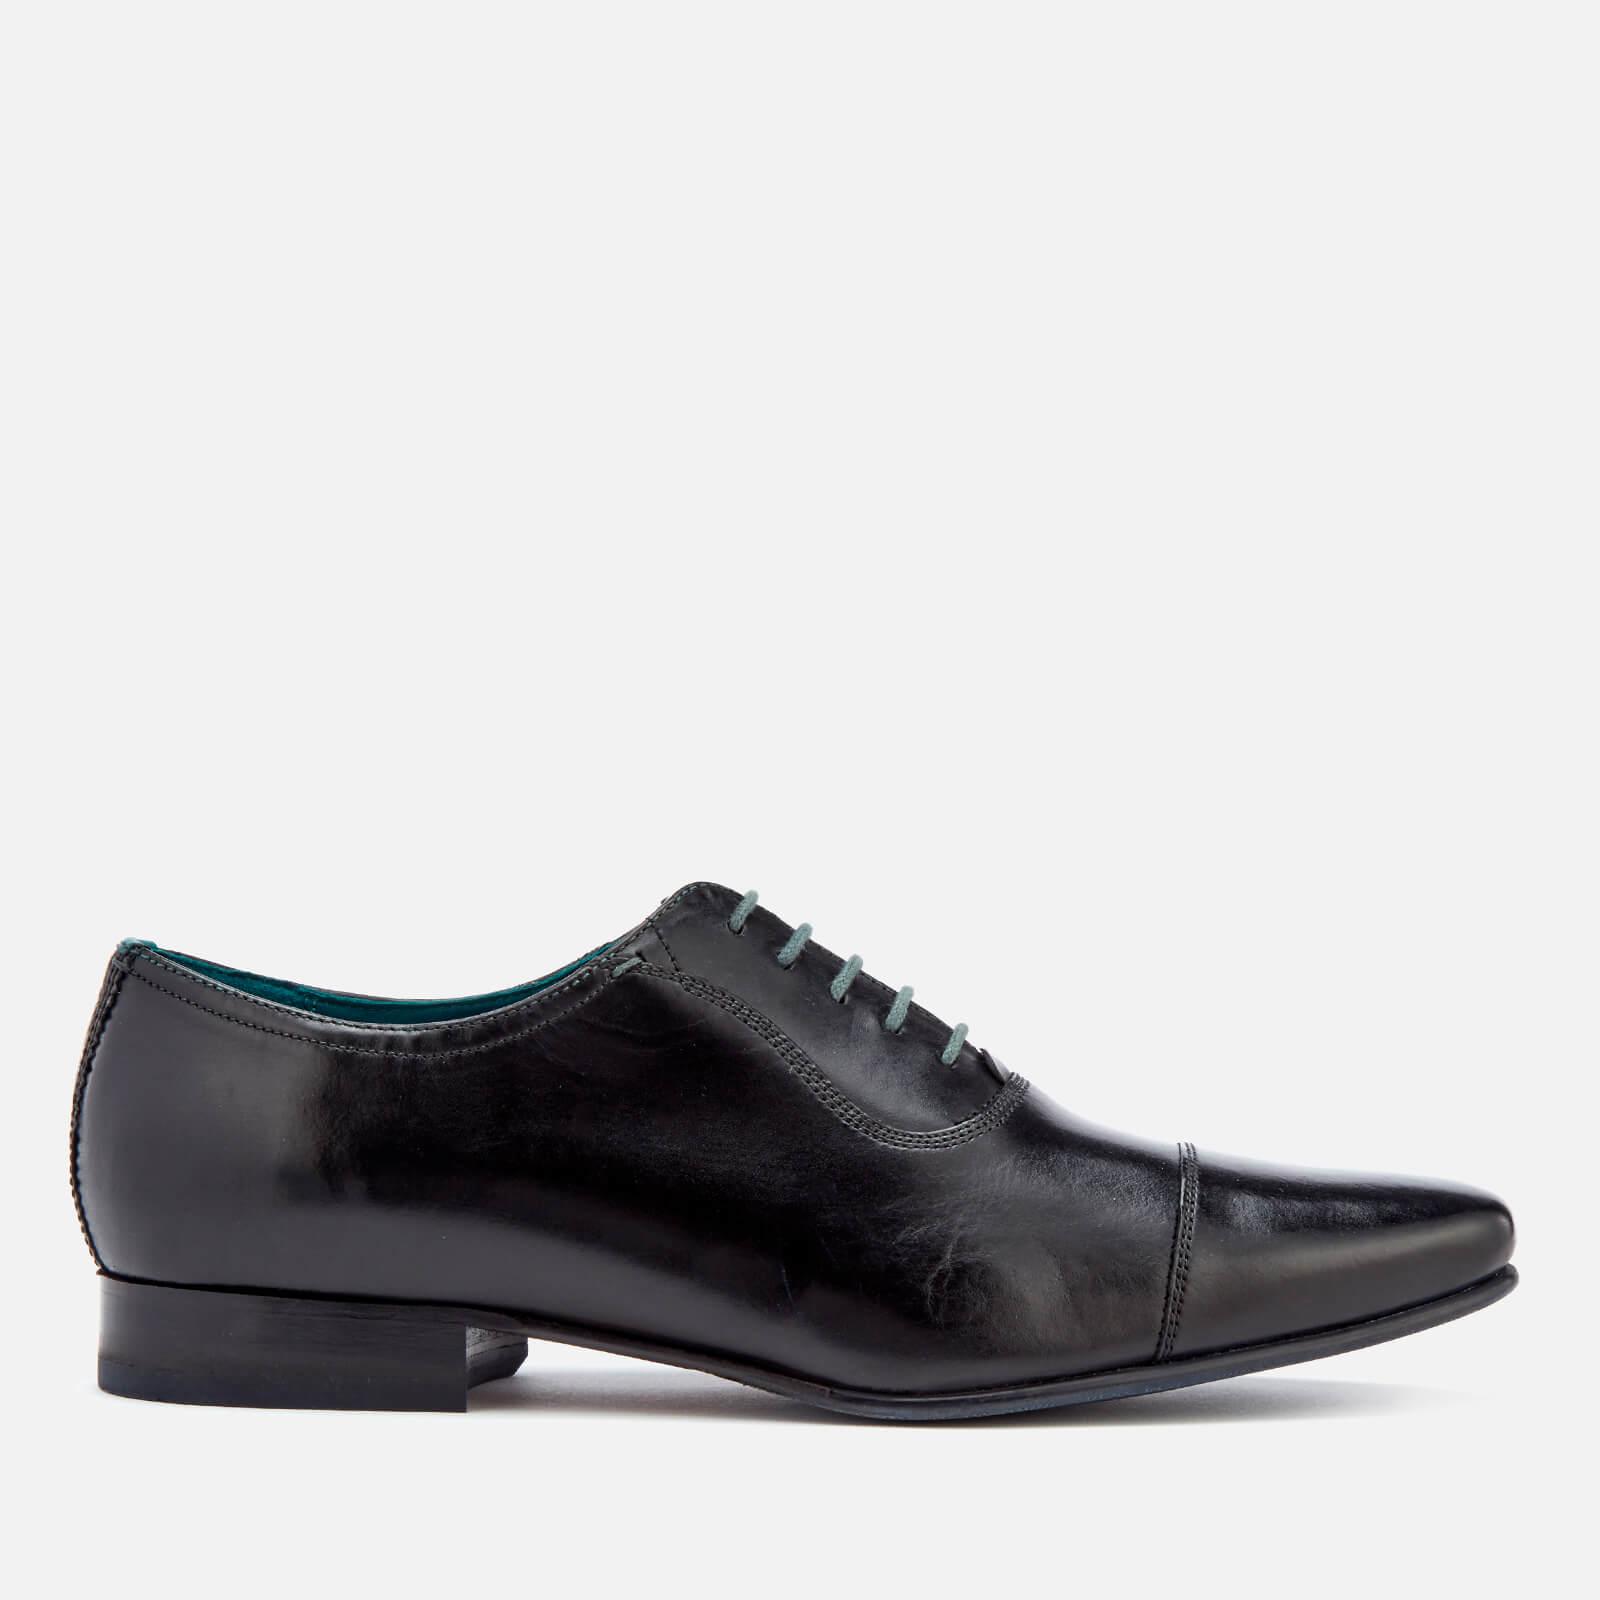 Ted Baker Men's Karney Leather Toe-Cap Oxford Shoes - Black - UK 8